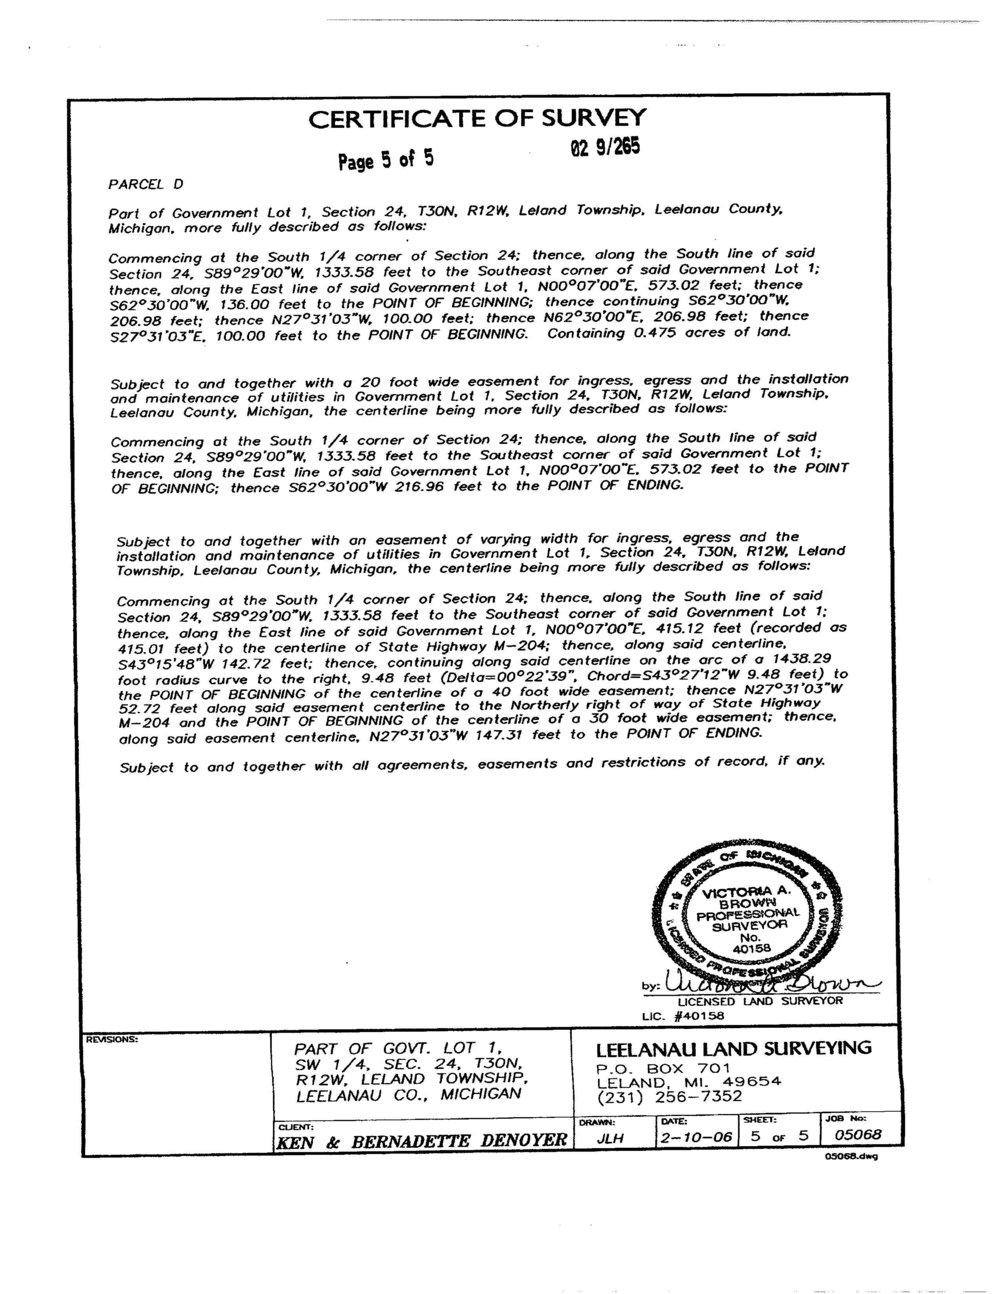 45 N Eagle Highway, Lake Leelanau, Real Estate For Sale by Oltersdorf Realty - Marketing Packet (11).jpg